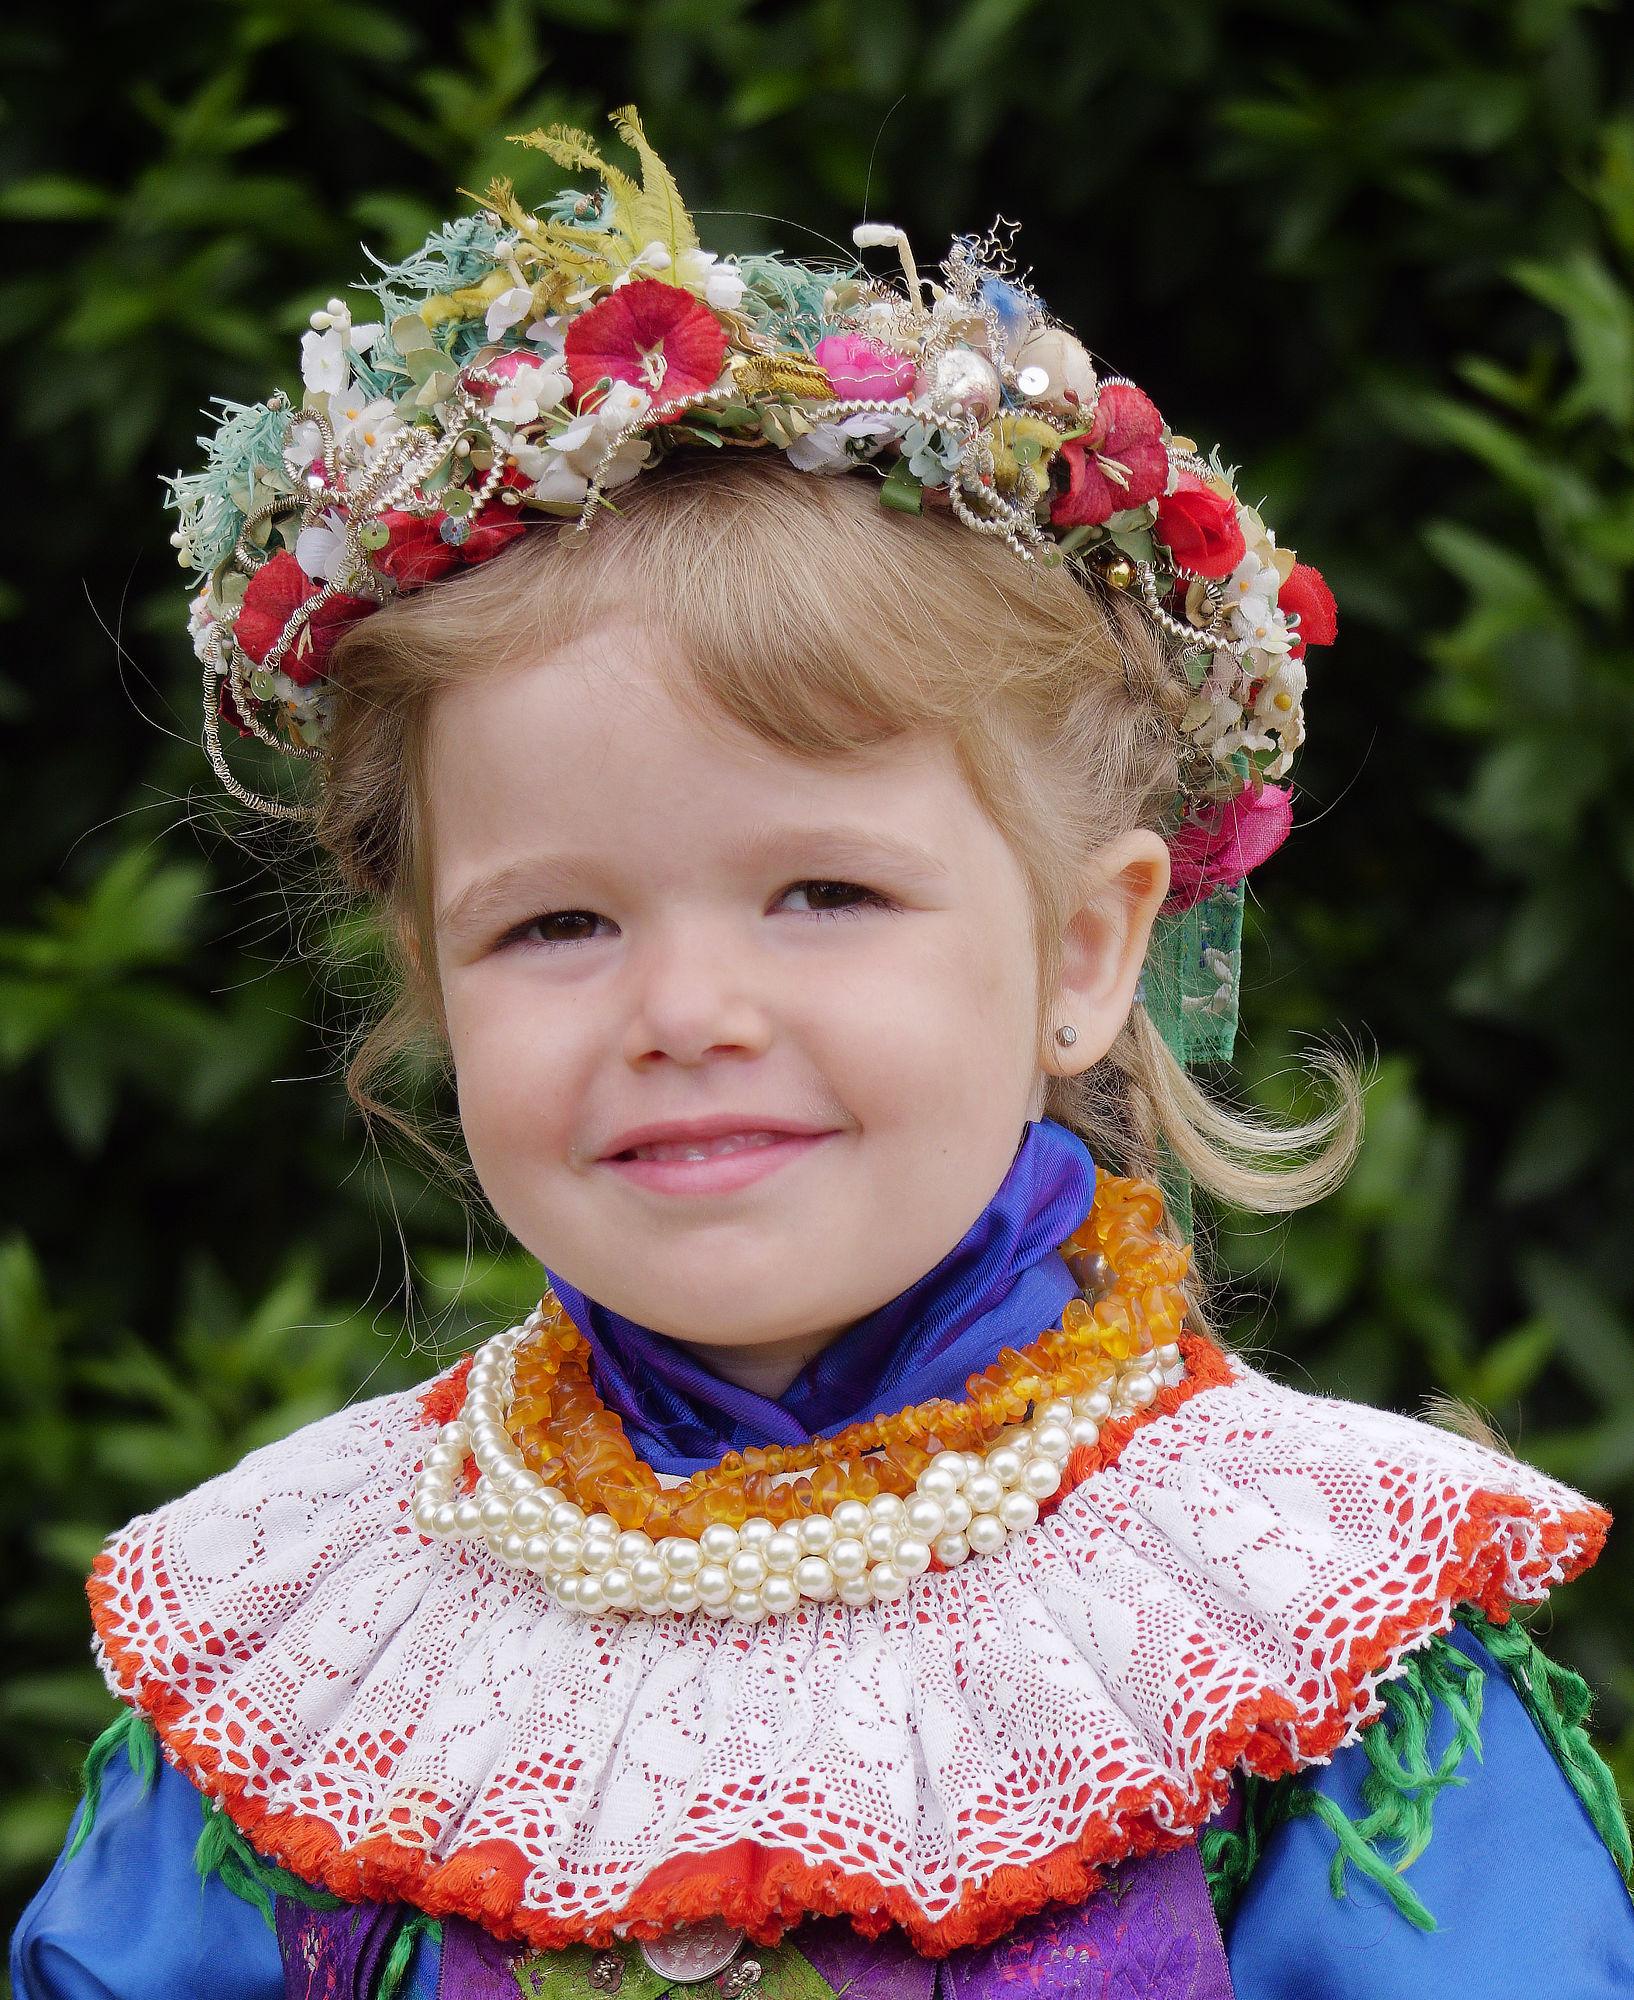 Das kleine Brautmädchen trägt auf dem Kopf ein Kränzchen, hinten mit langen Bändern.